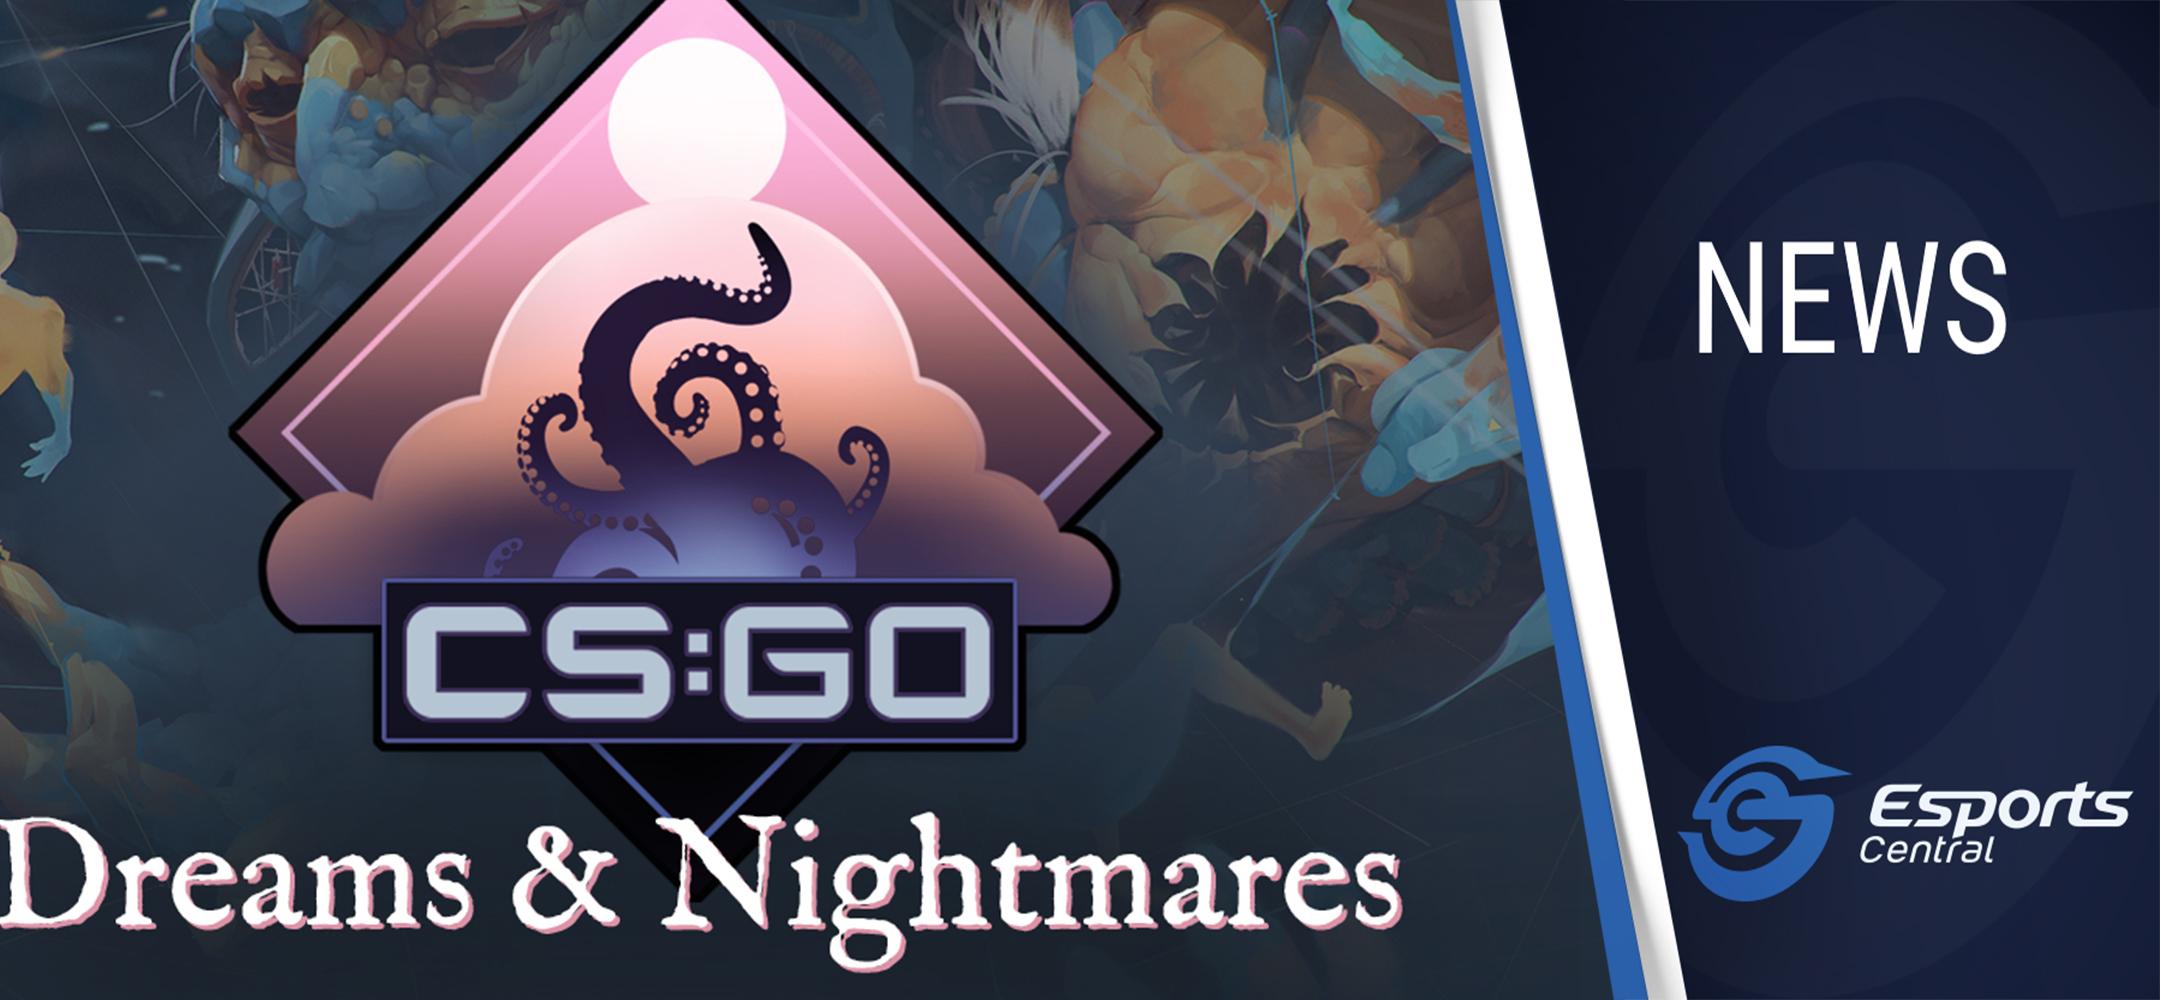 CS:GO Dreams & Nightmares